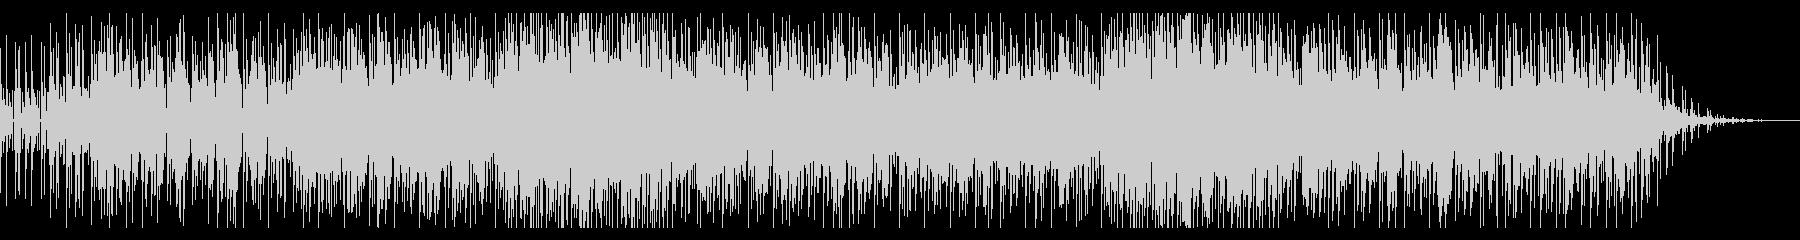 アーバンでメランコリックなボサノヴァの未再生の波形